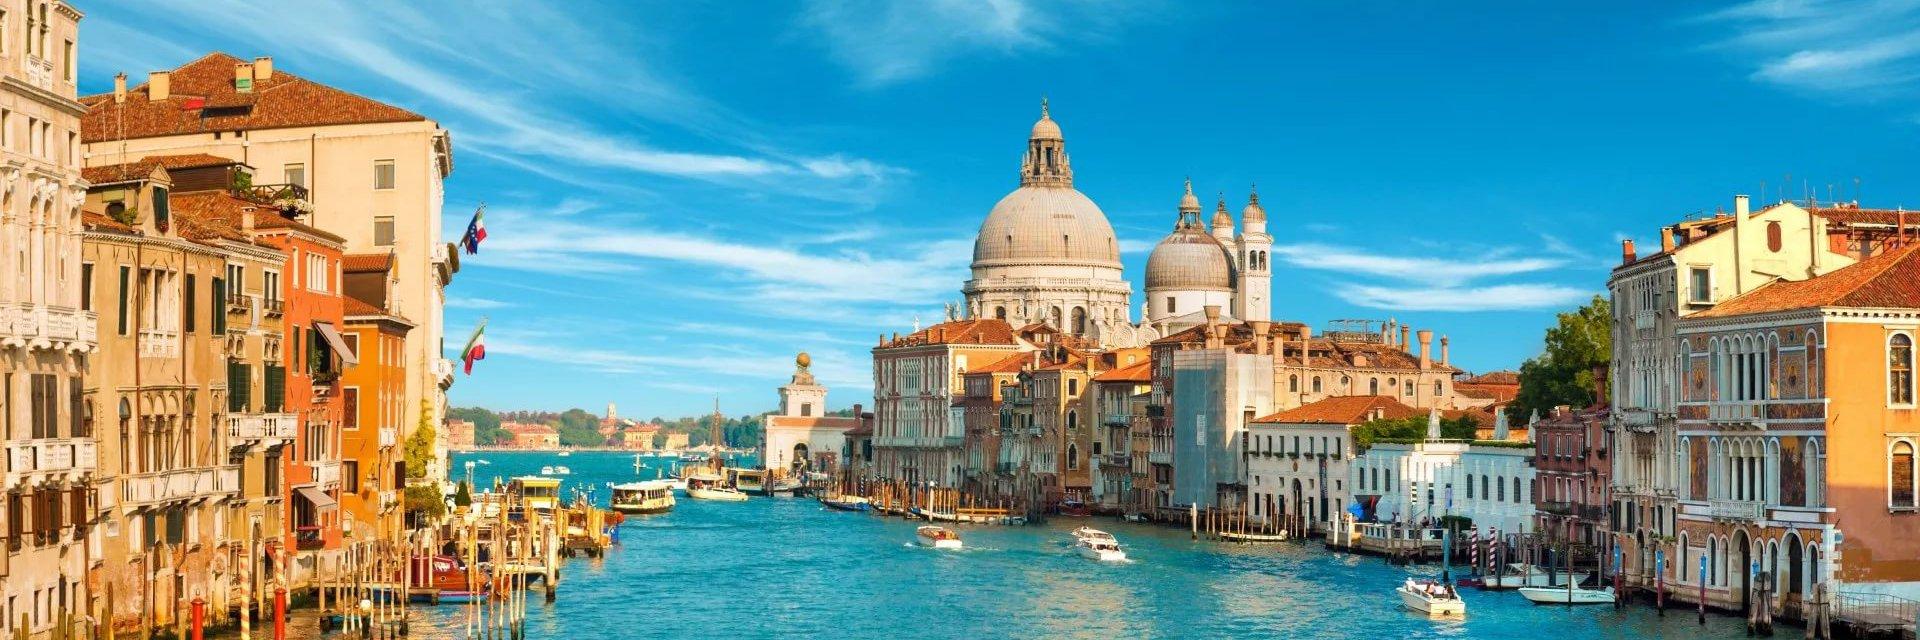 Туры в Италию 2019, путевки из Москвы - цены на отдых в Италии - ПАКС